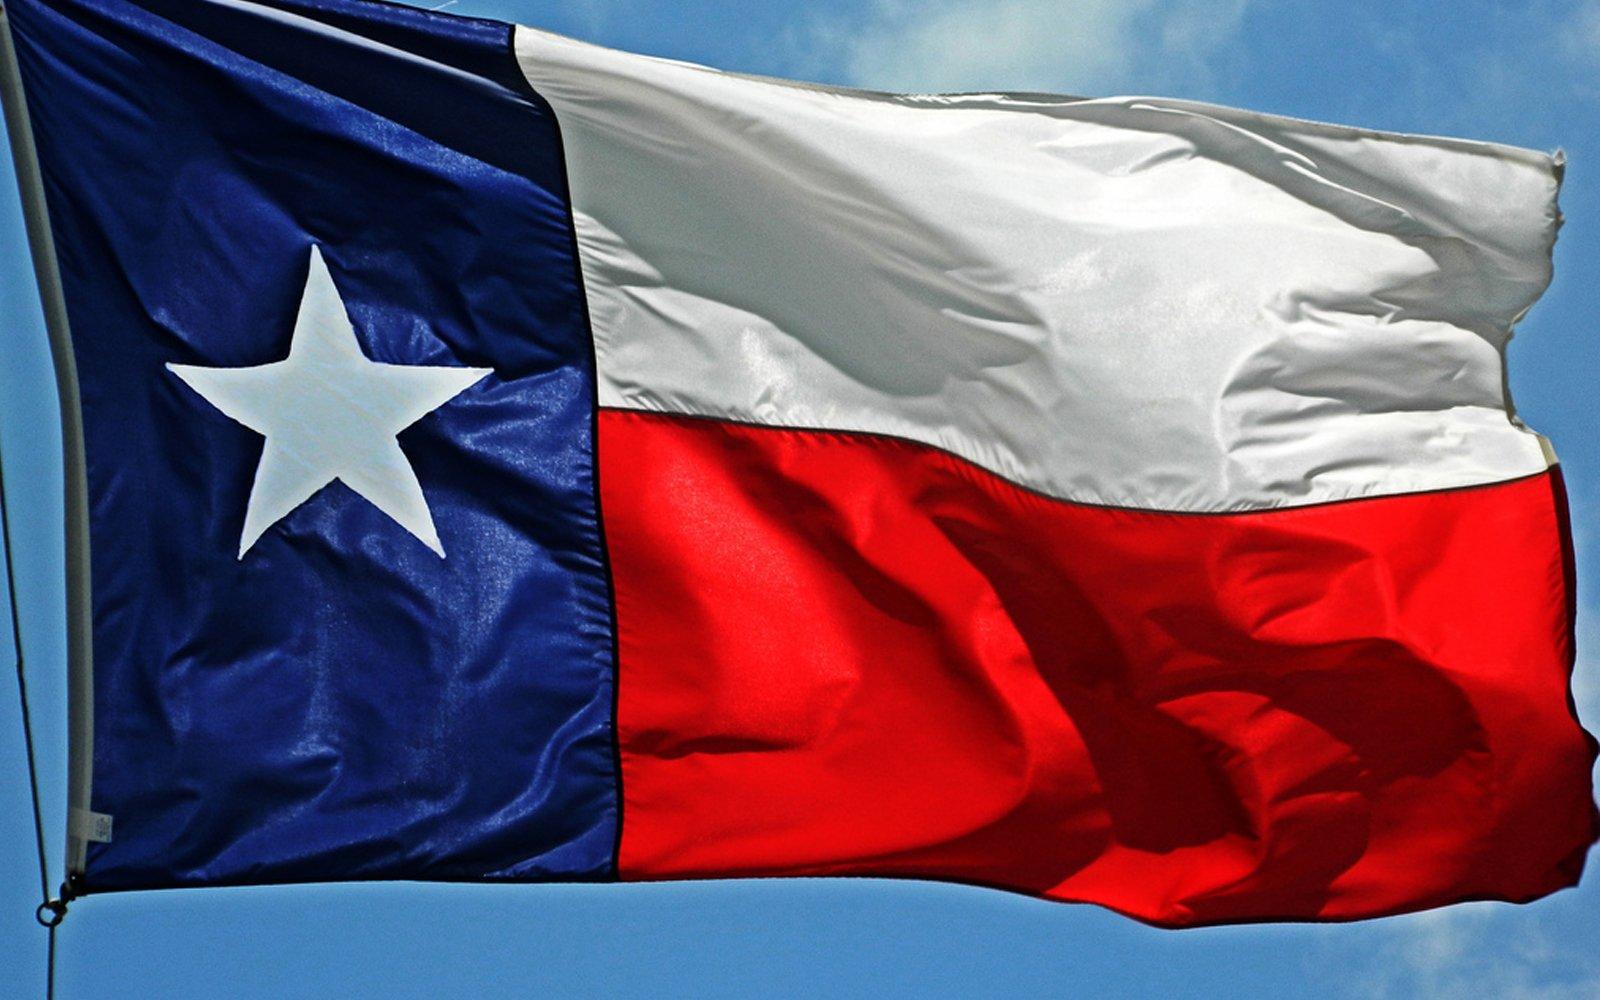 texass_edited-1_2048x.jpg